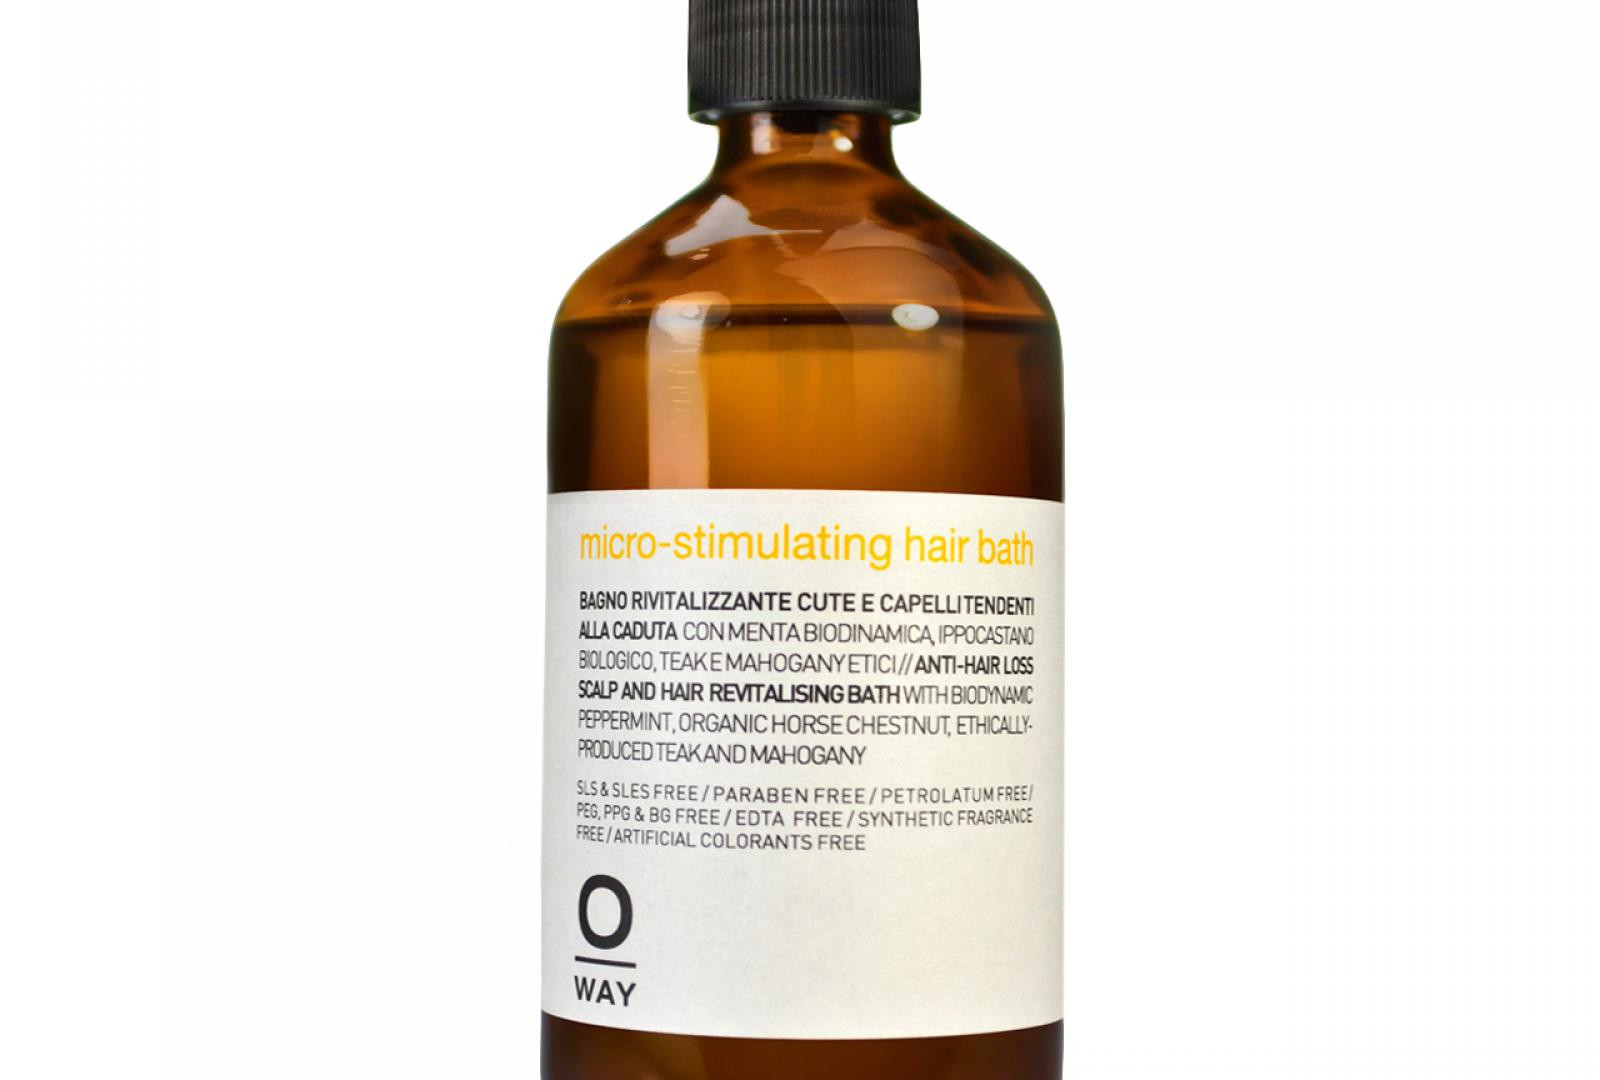 microstimulating_hair_bath_g.jpg